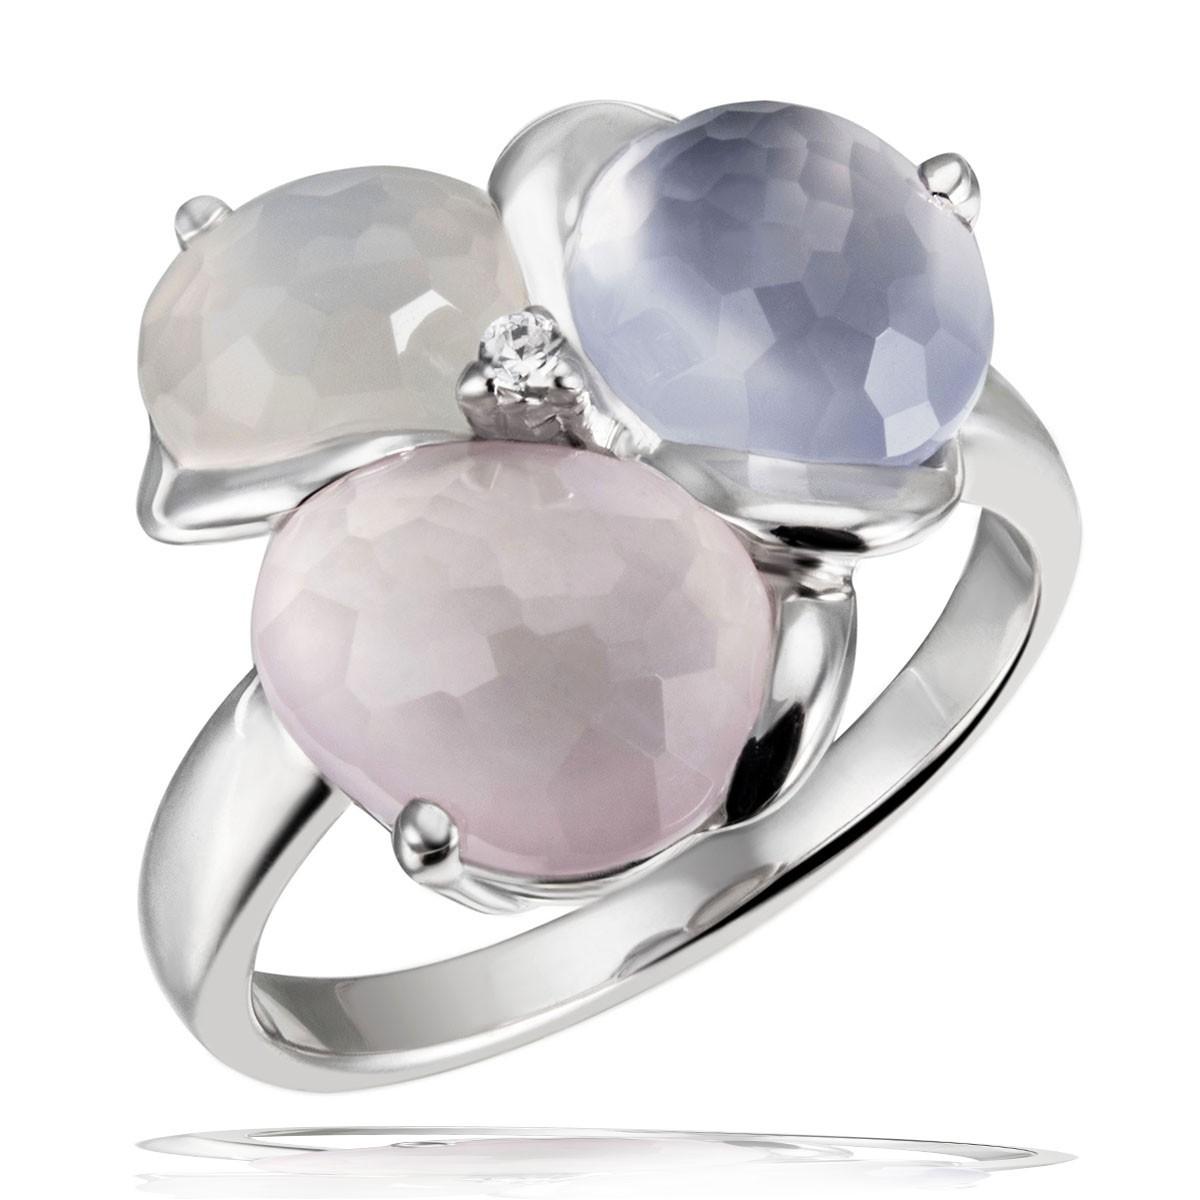 Damen-Ring atemberaubende Doppelring Sterling Silber 925 natur Edelstein Safir